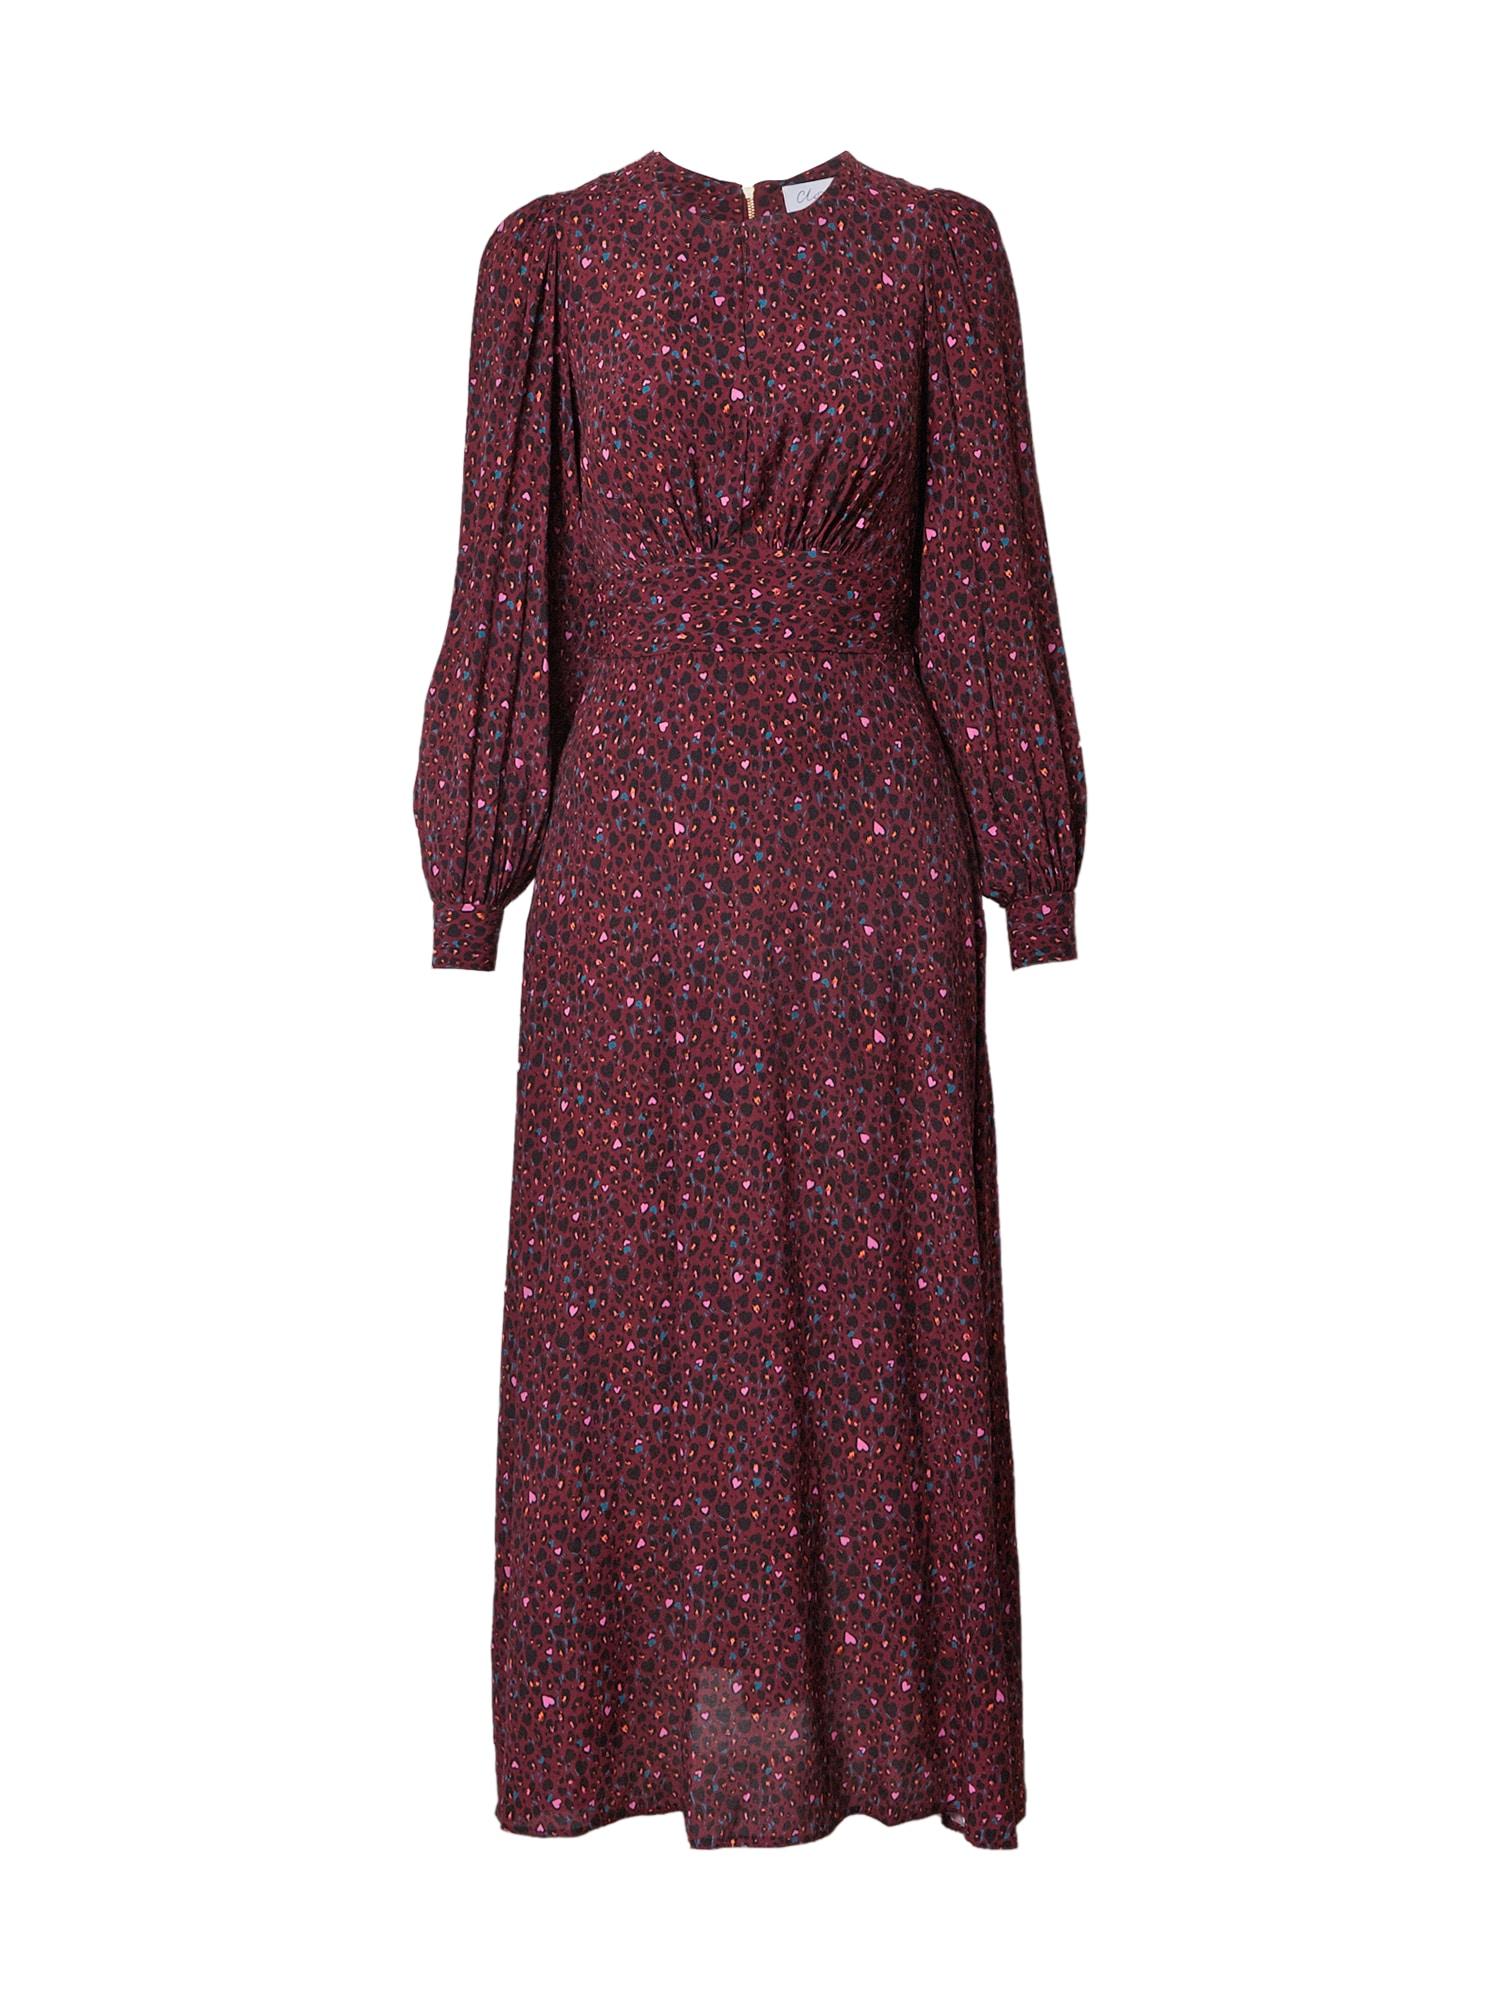 Closet London Suknelė burgundiško vyno spalva / mišrios spalvos